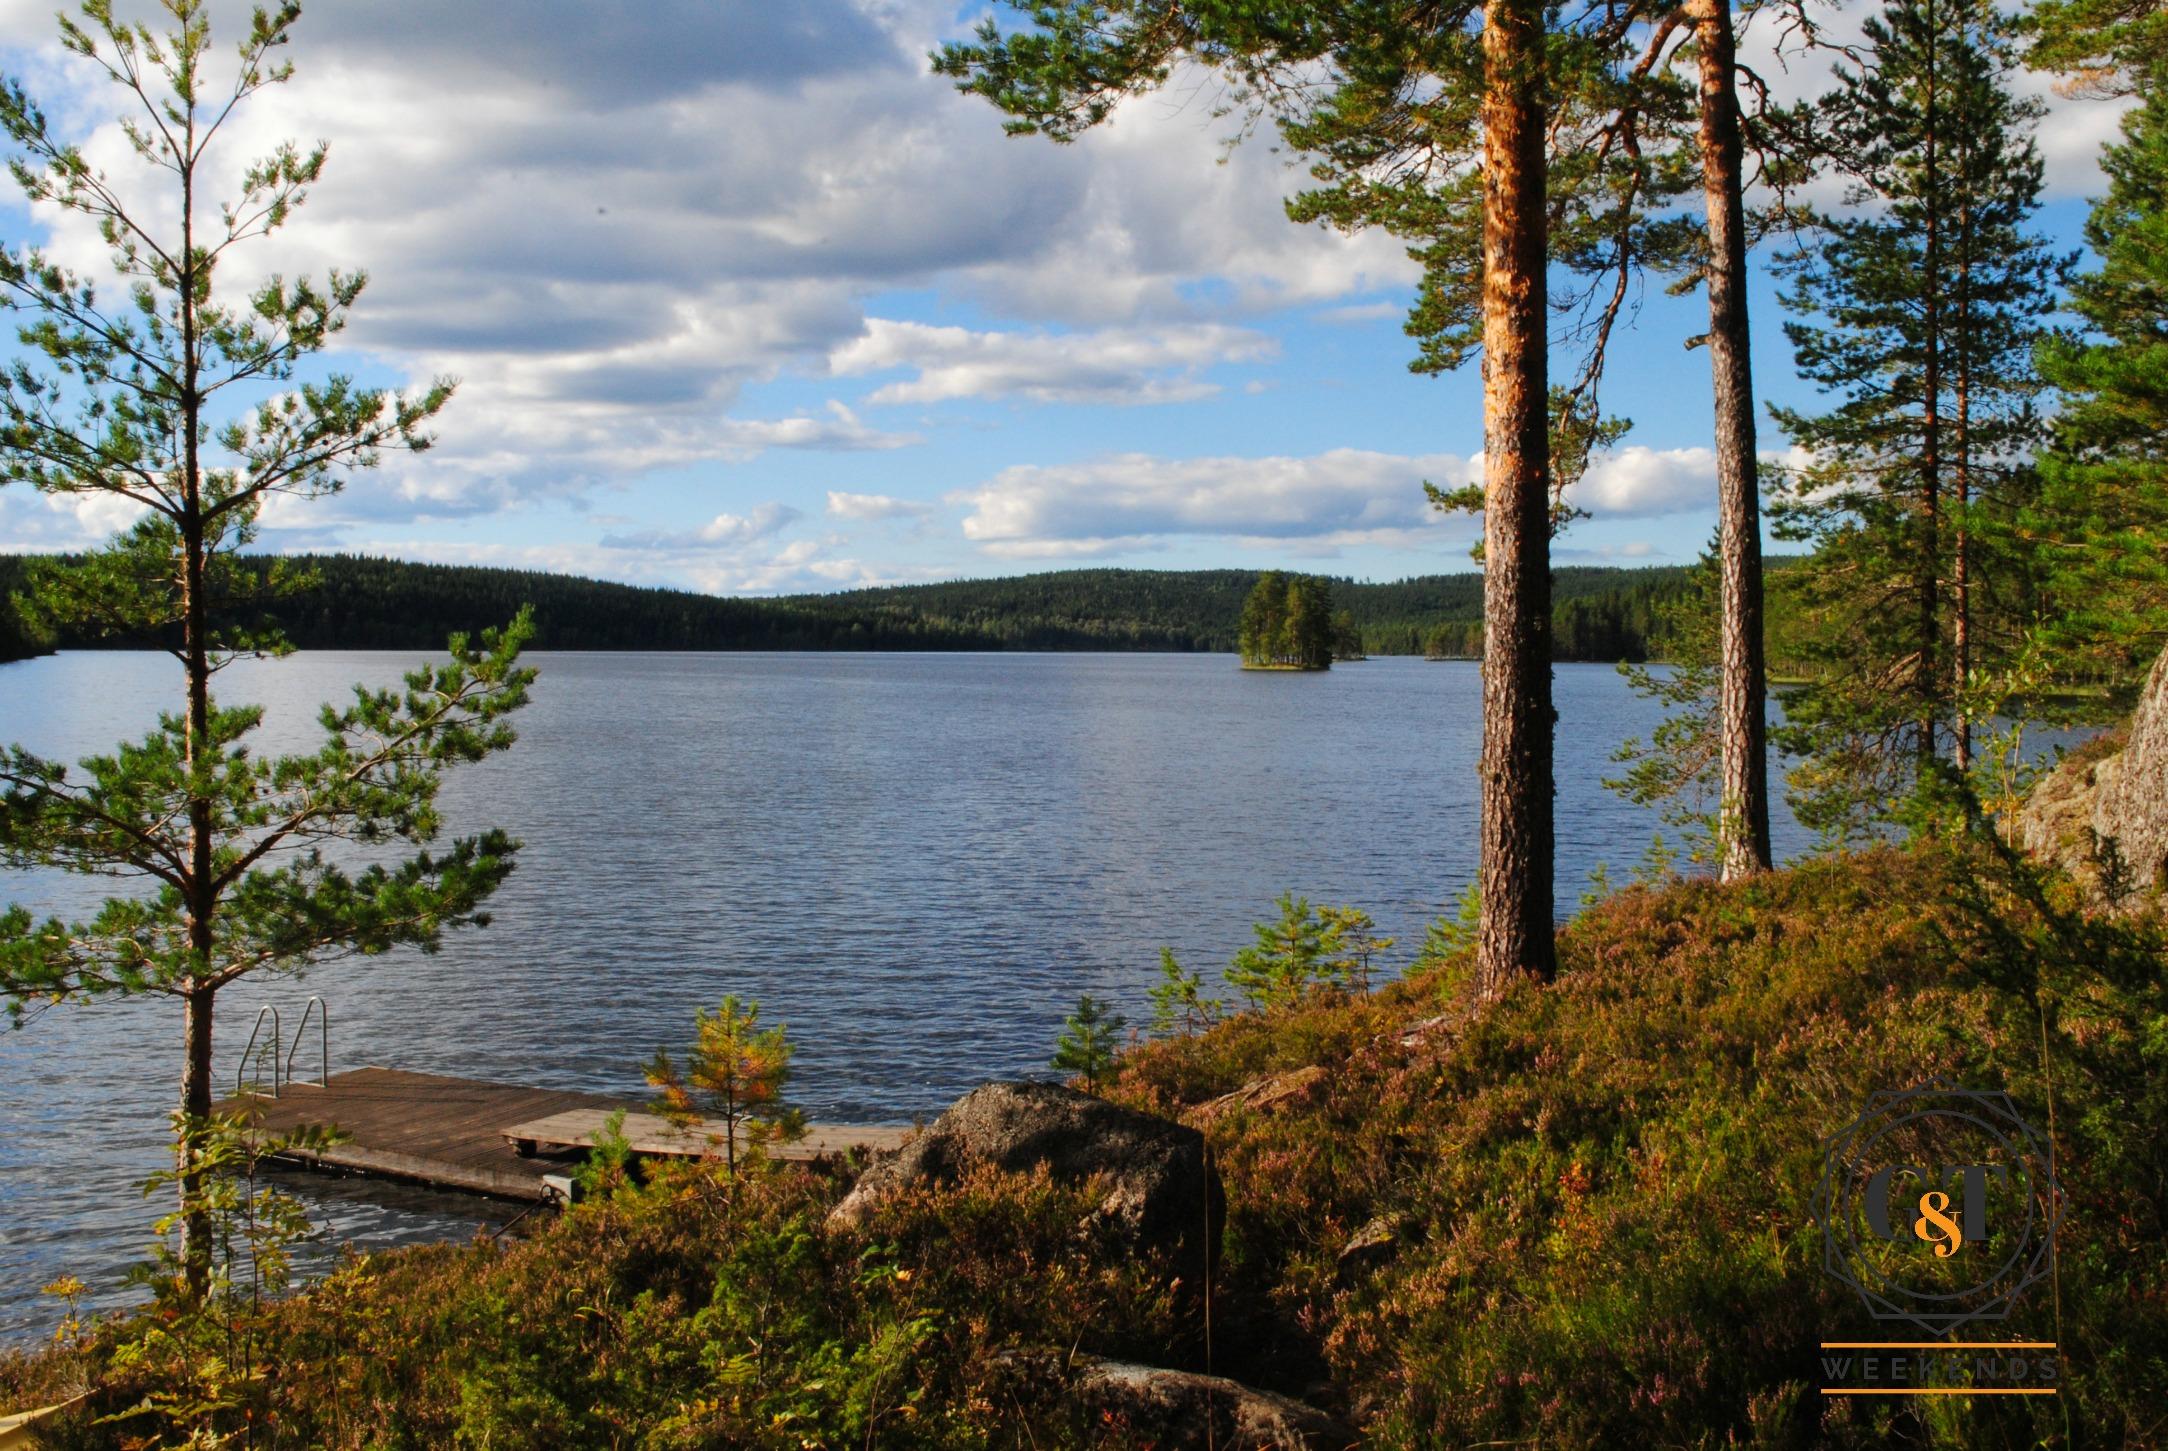 Lake Skissen, Sweden